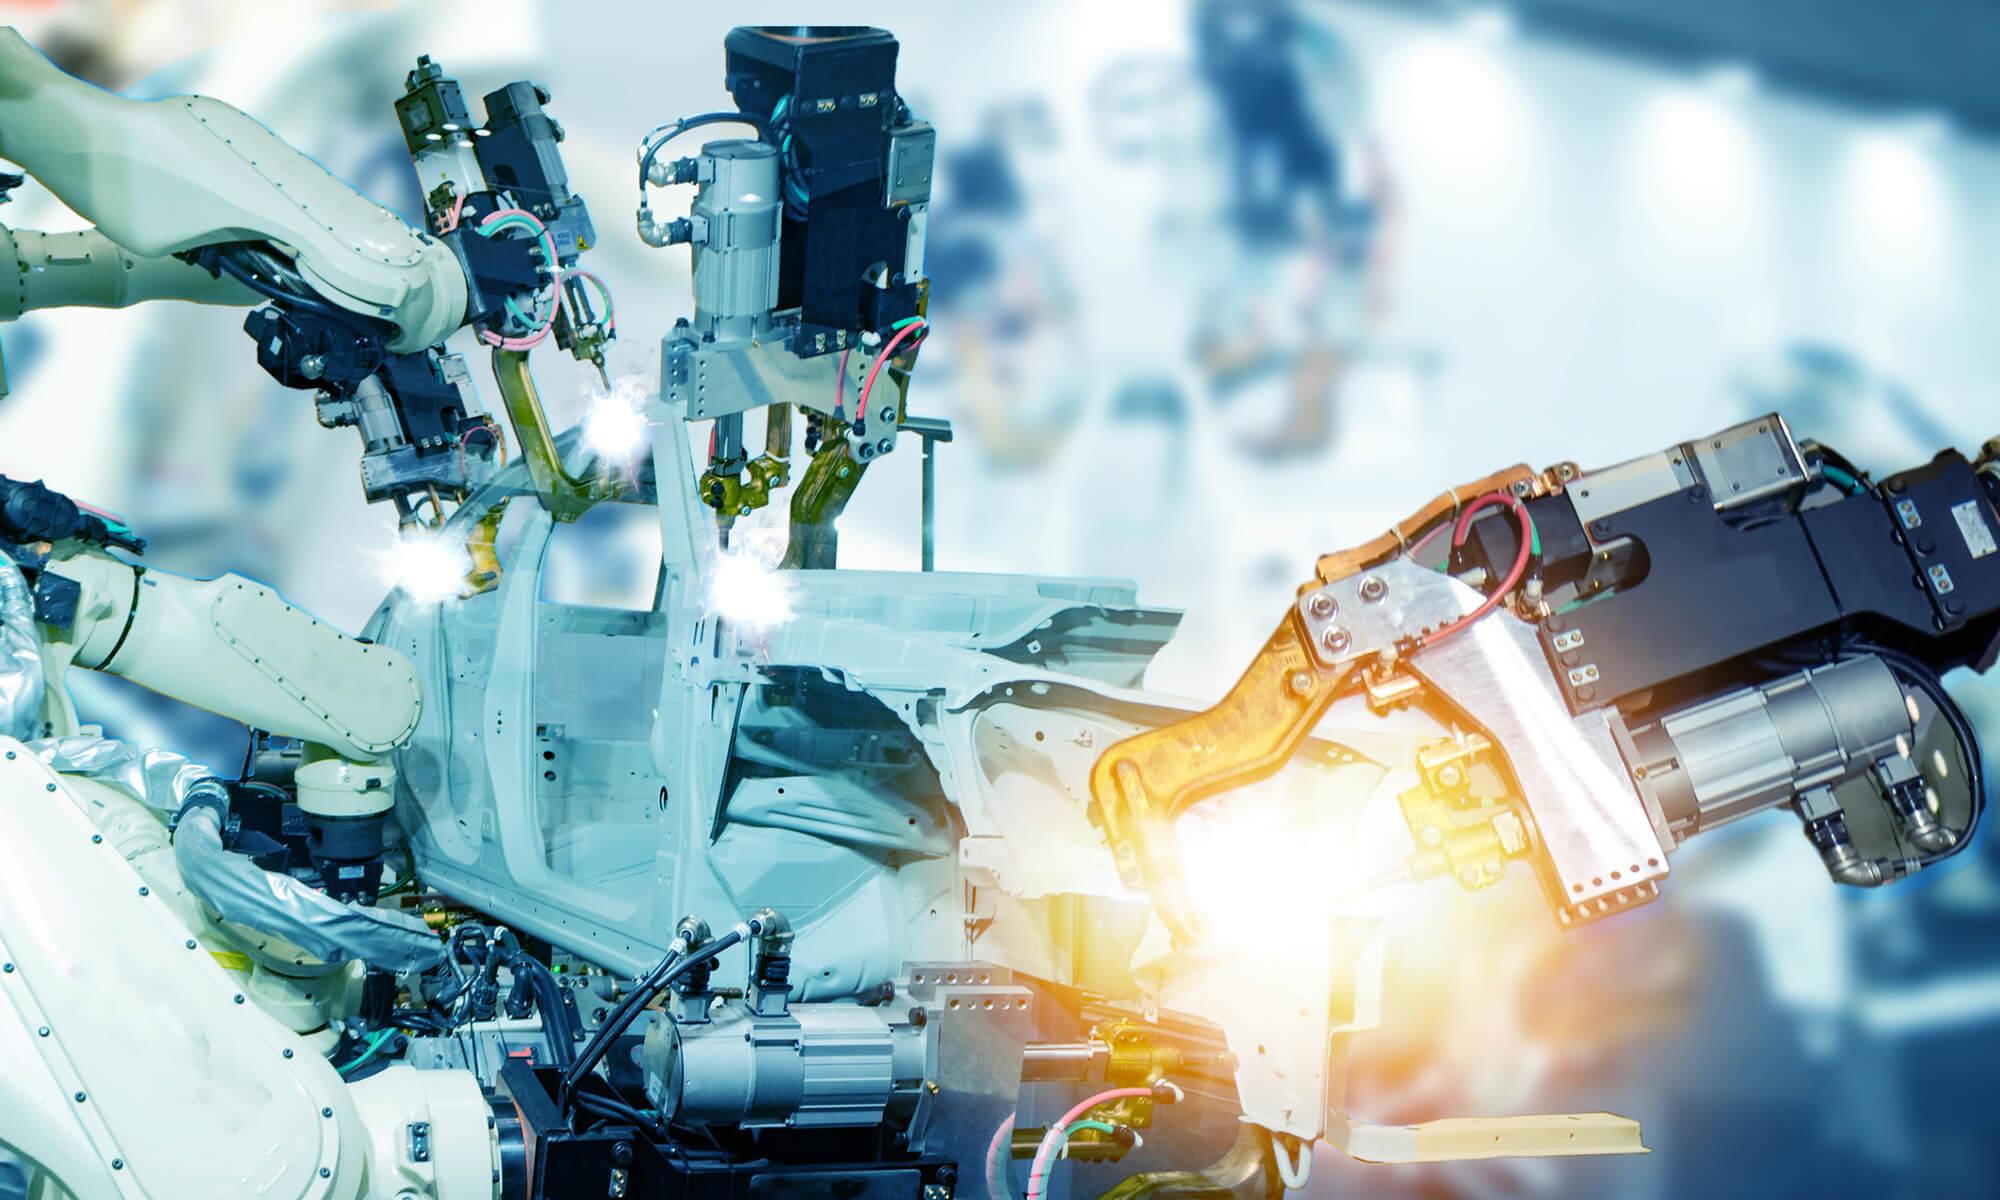 Défis du secteur industriel 2021 : Des chaînes logistiques résilientes à l'amélioration des compétences numériques, en passant par l'automatisation intelligente, les tendances émergentes dans le secteur industriel vont continuer de définir l'année 2021 et au-delà.